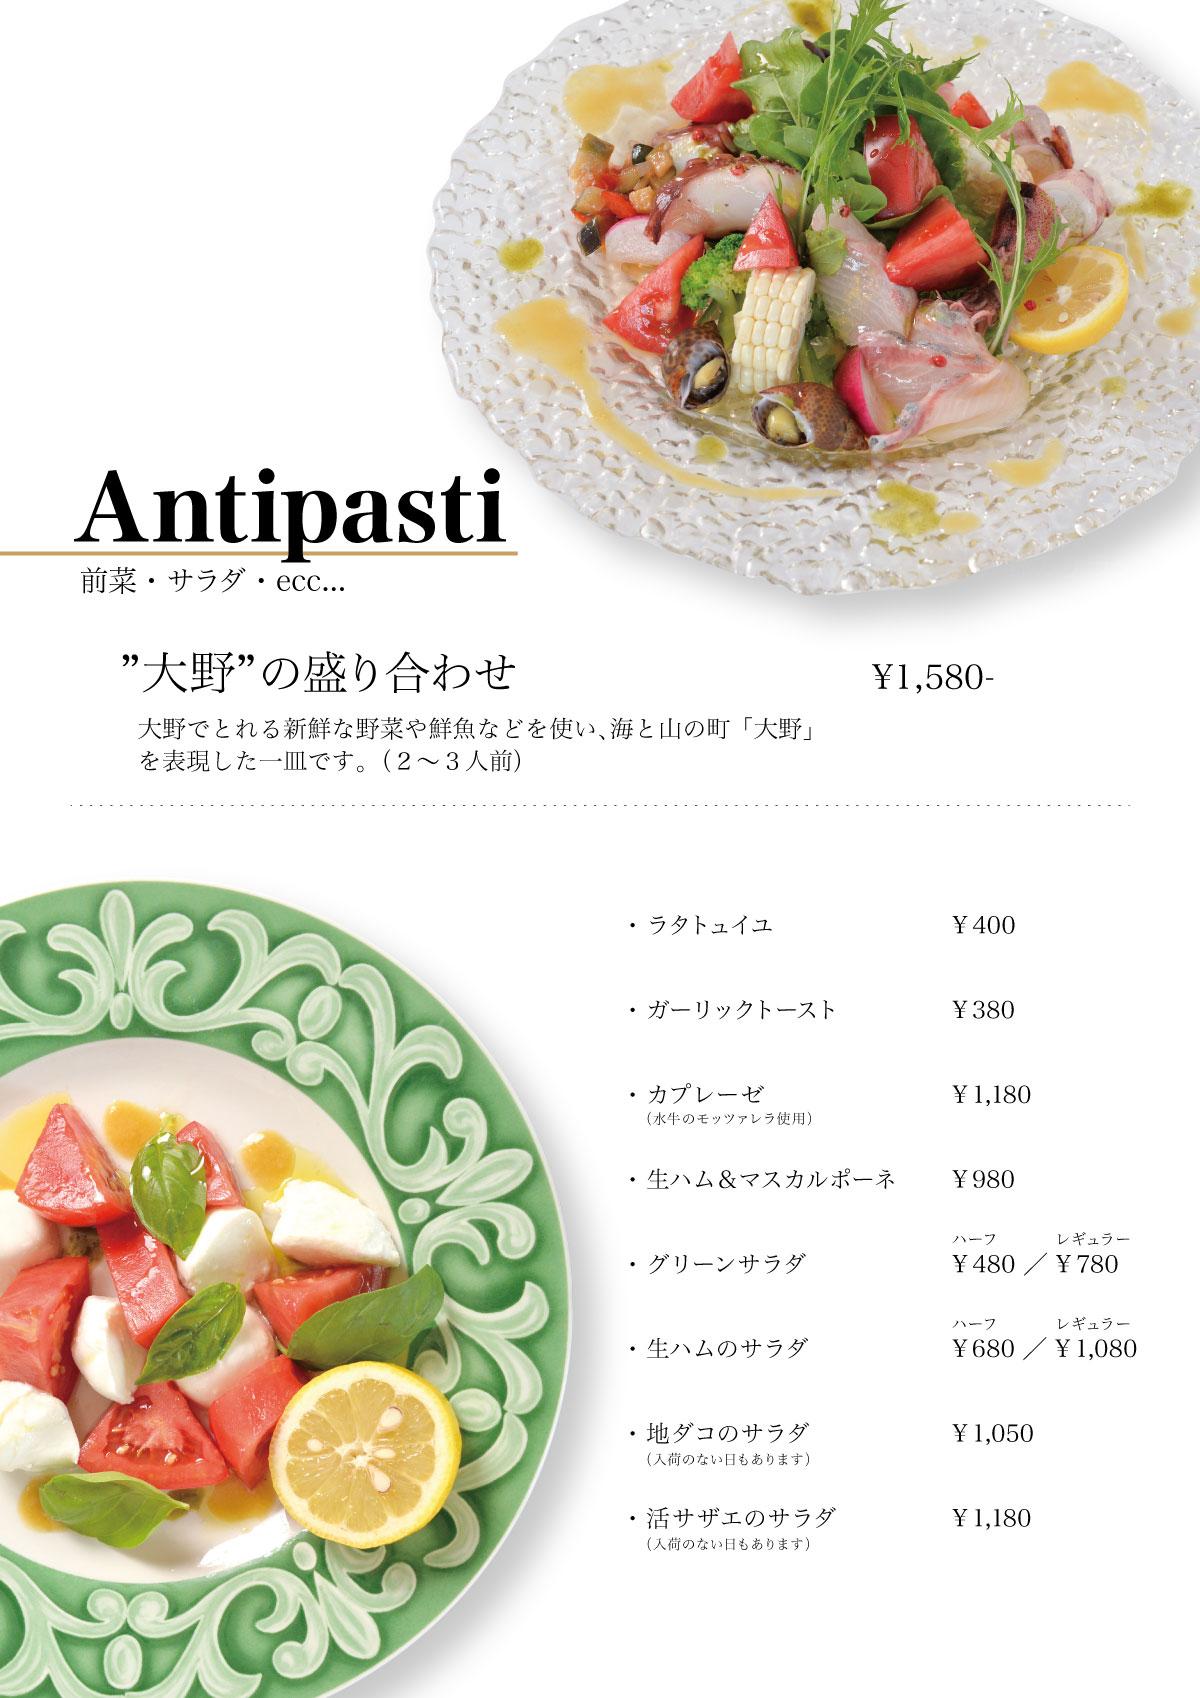 Ristorante [店内メニュー]